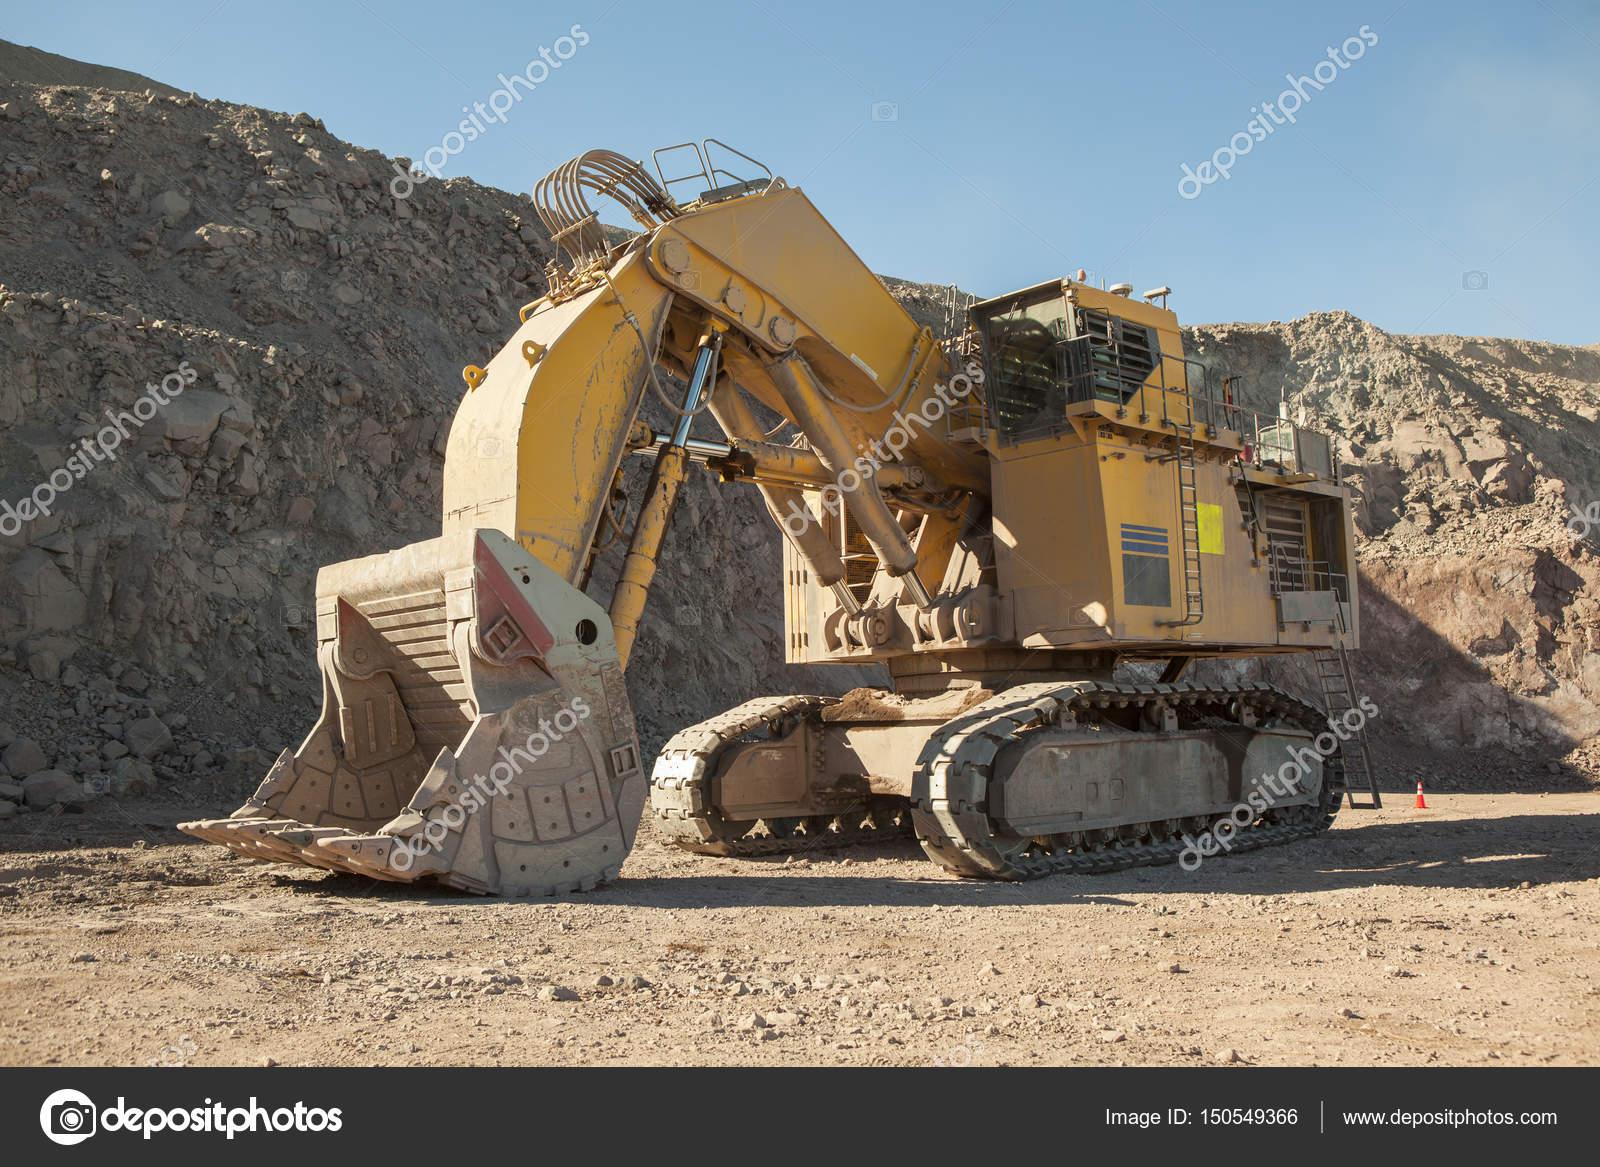 Pictures Huge Excavator Huge Excavator Mining Stock Photo C Erlucho 150549366